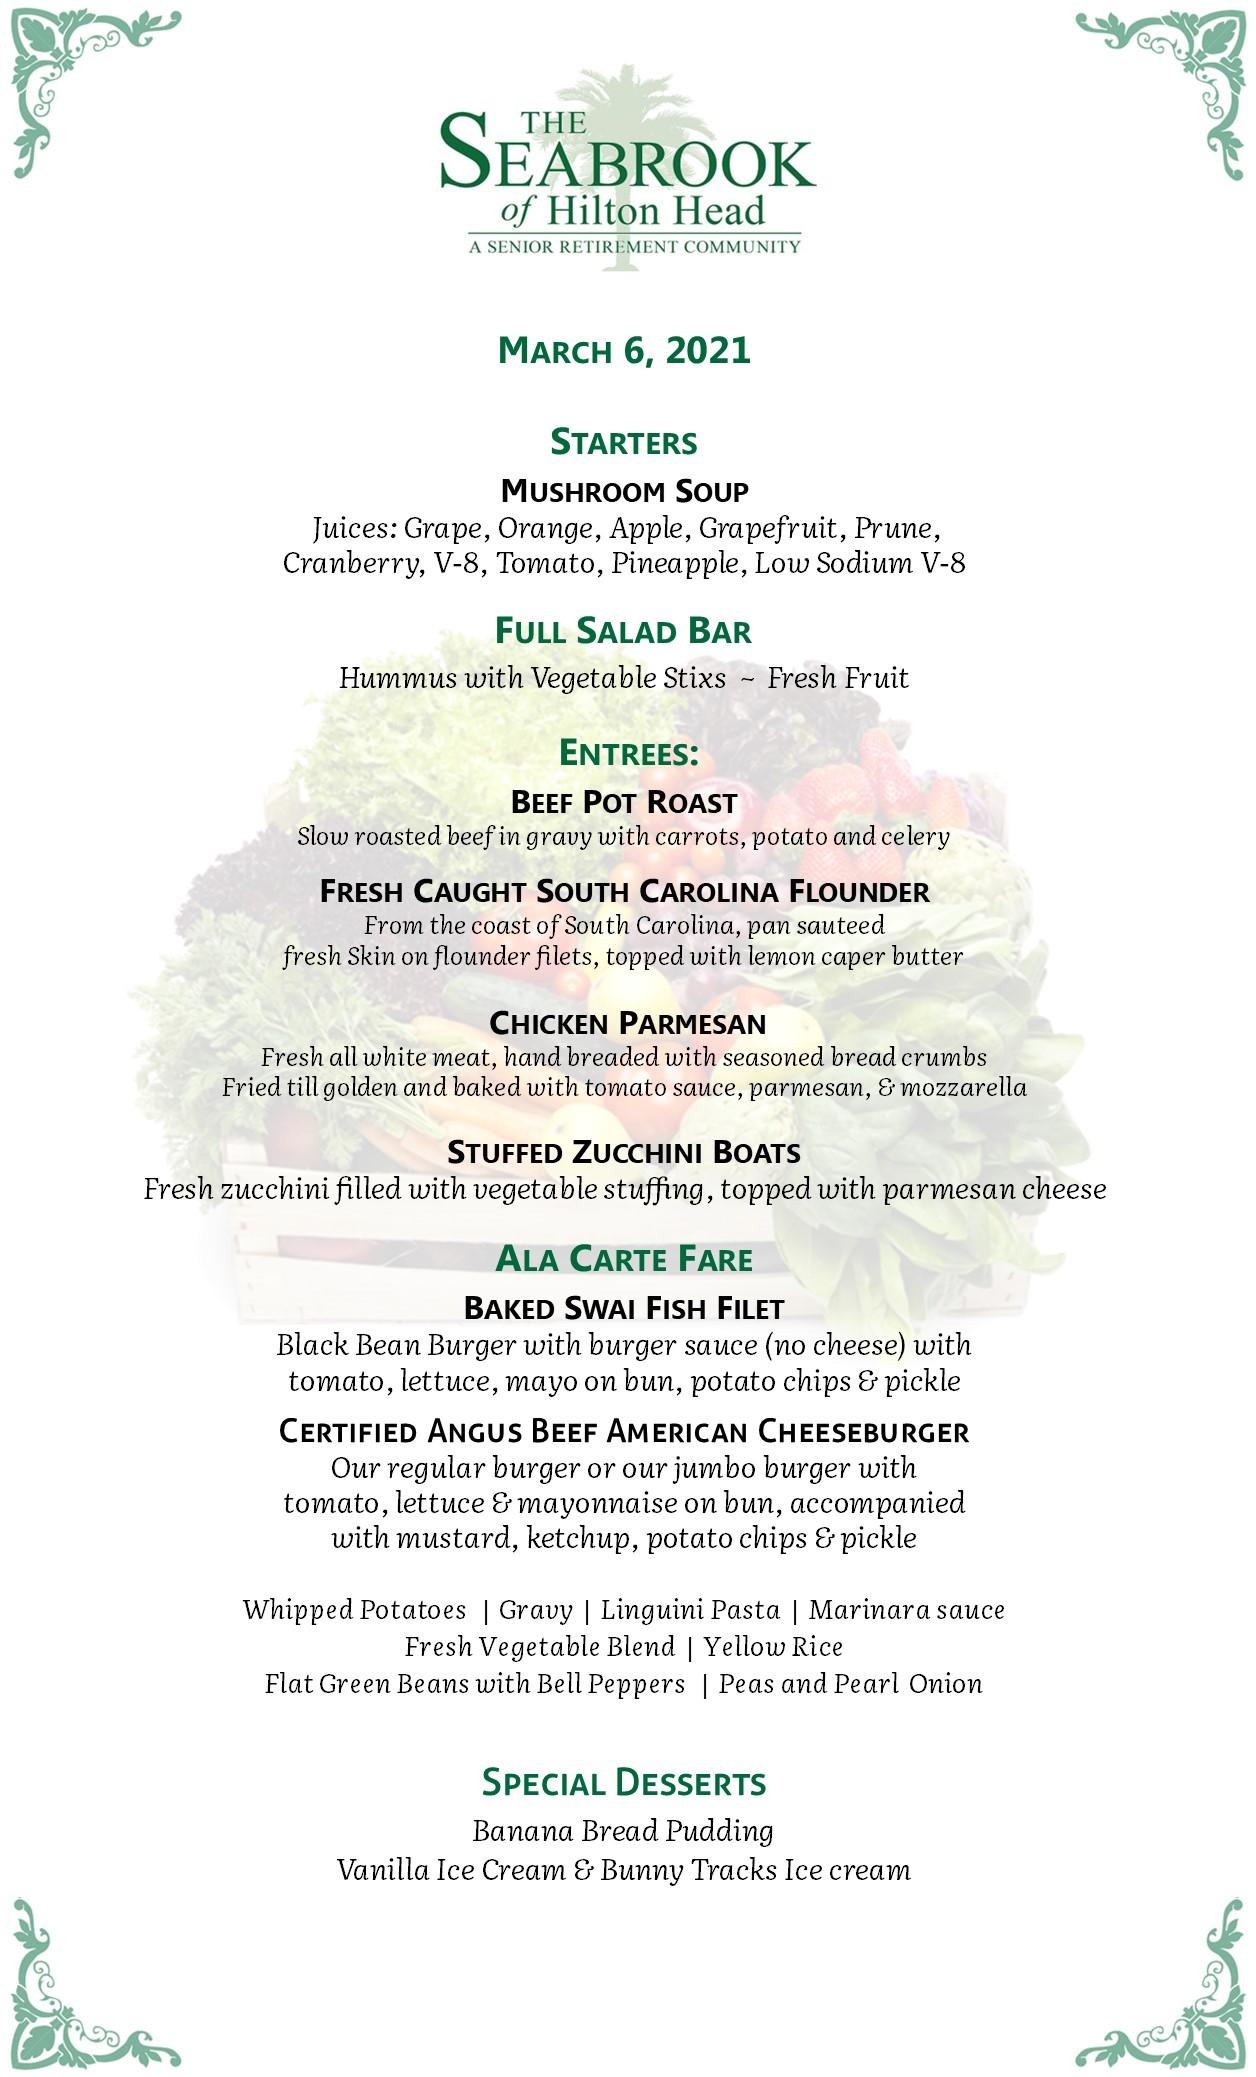 View a sample menu